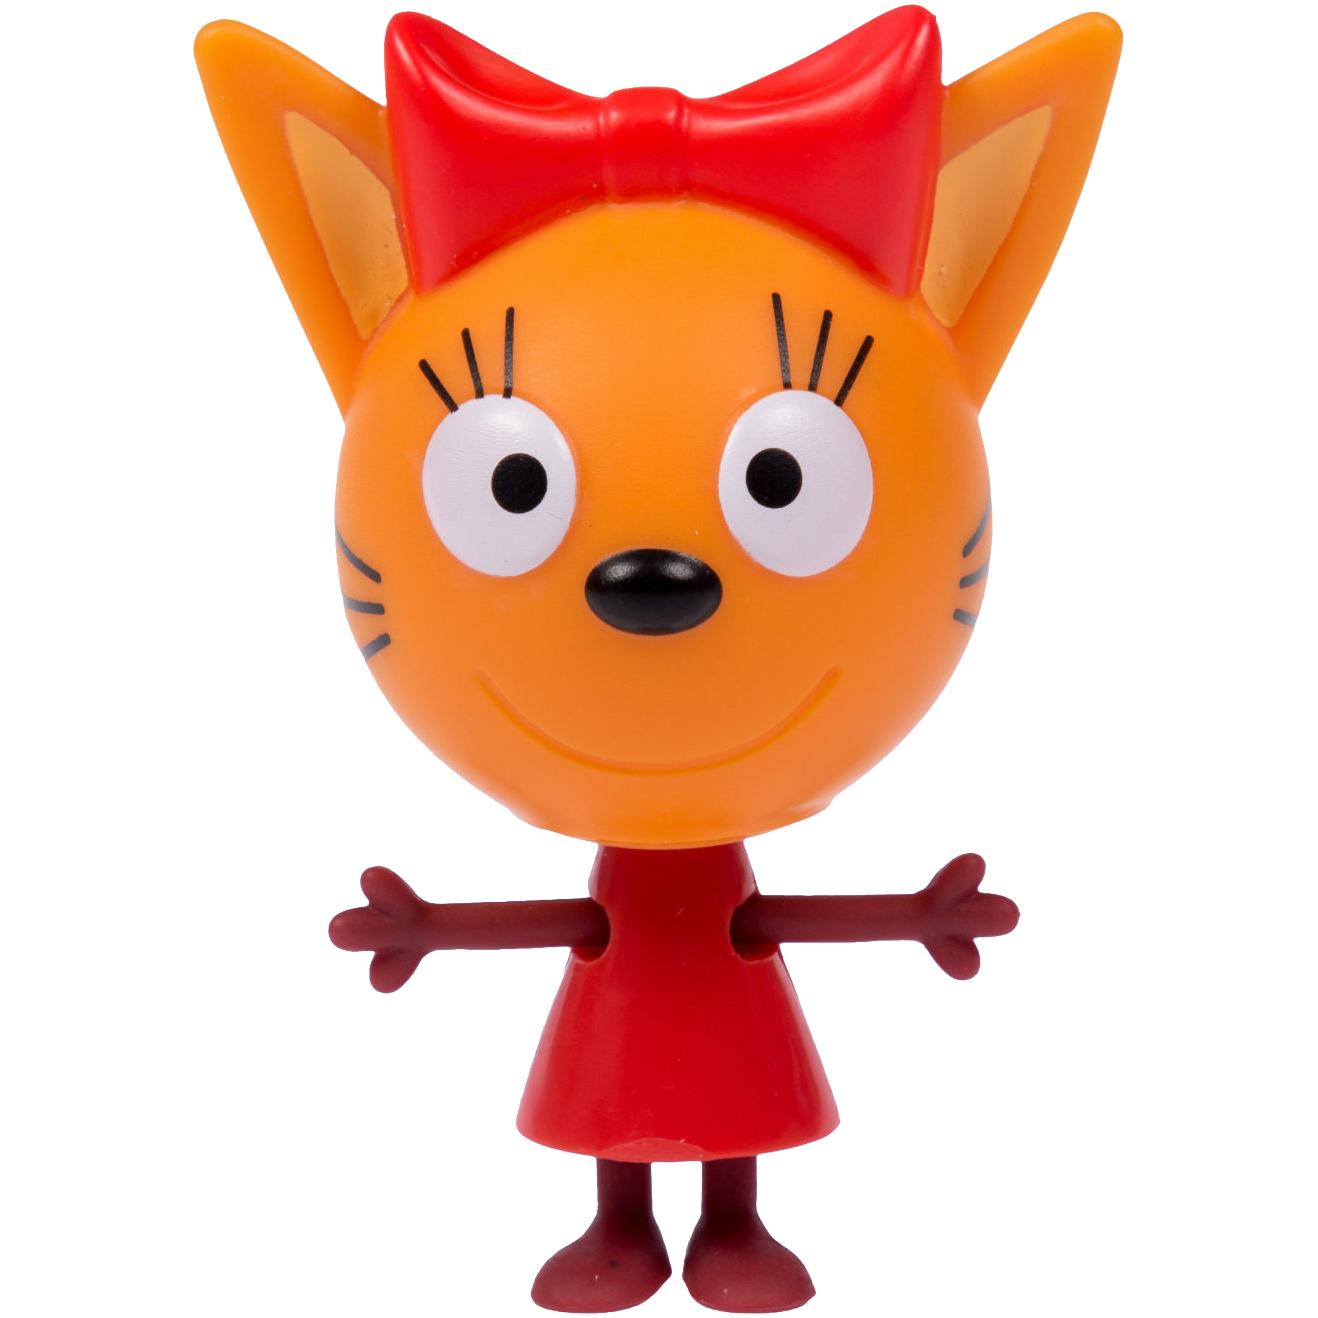 Купить Фигурка 1TOY Три кота Карамелька Т16175, красный, оранжевый, коричневый, пластик, для мальчиков, для девочек, Наборы игровые